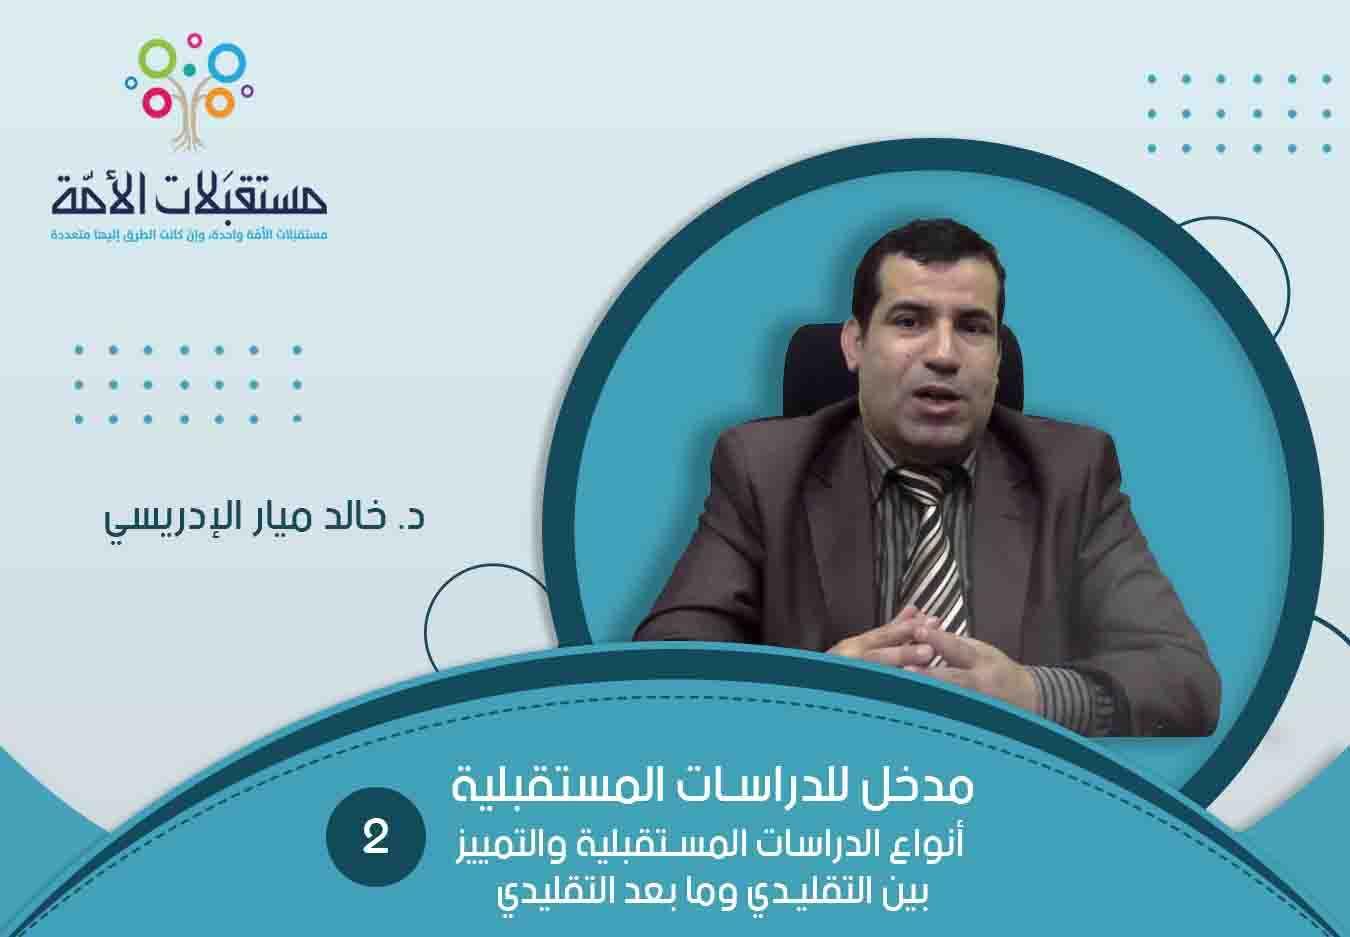 مدخل للدراسات المستقبلية (2) أنواع الدراسات المستقبلية والتمييز بين التقليدي وما بعد التقليدي   د. خالد ميار الإدريسي